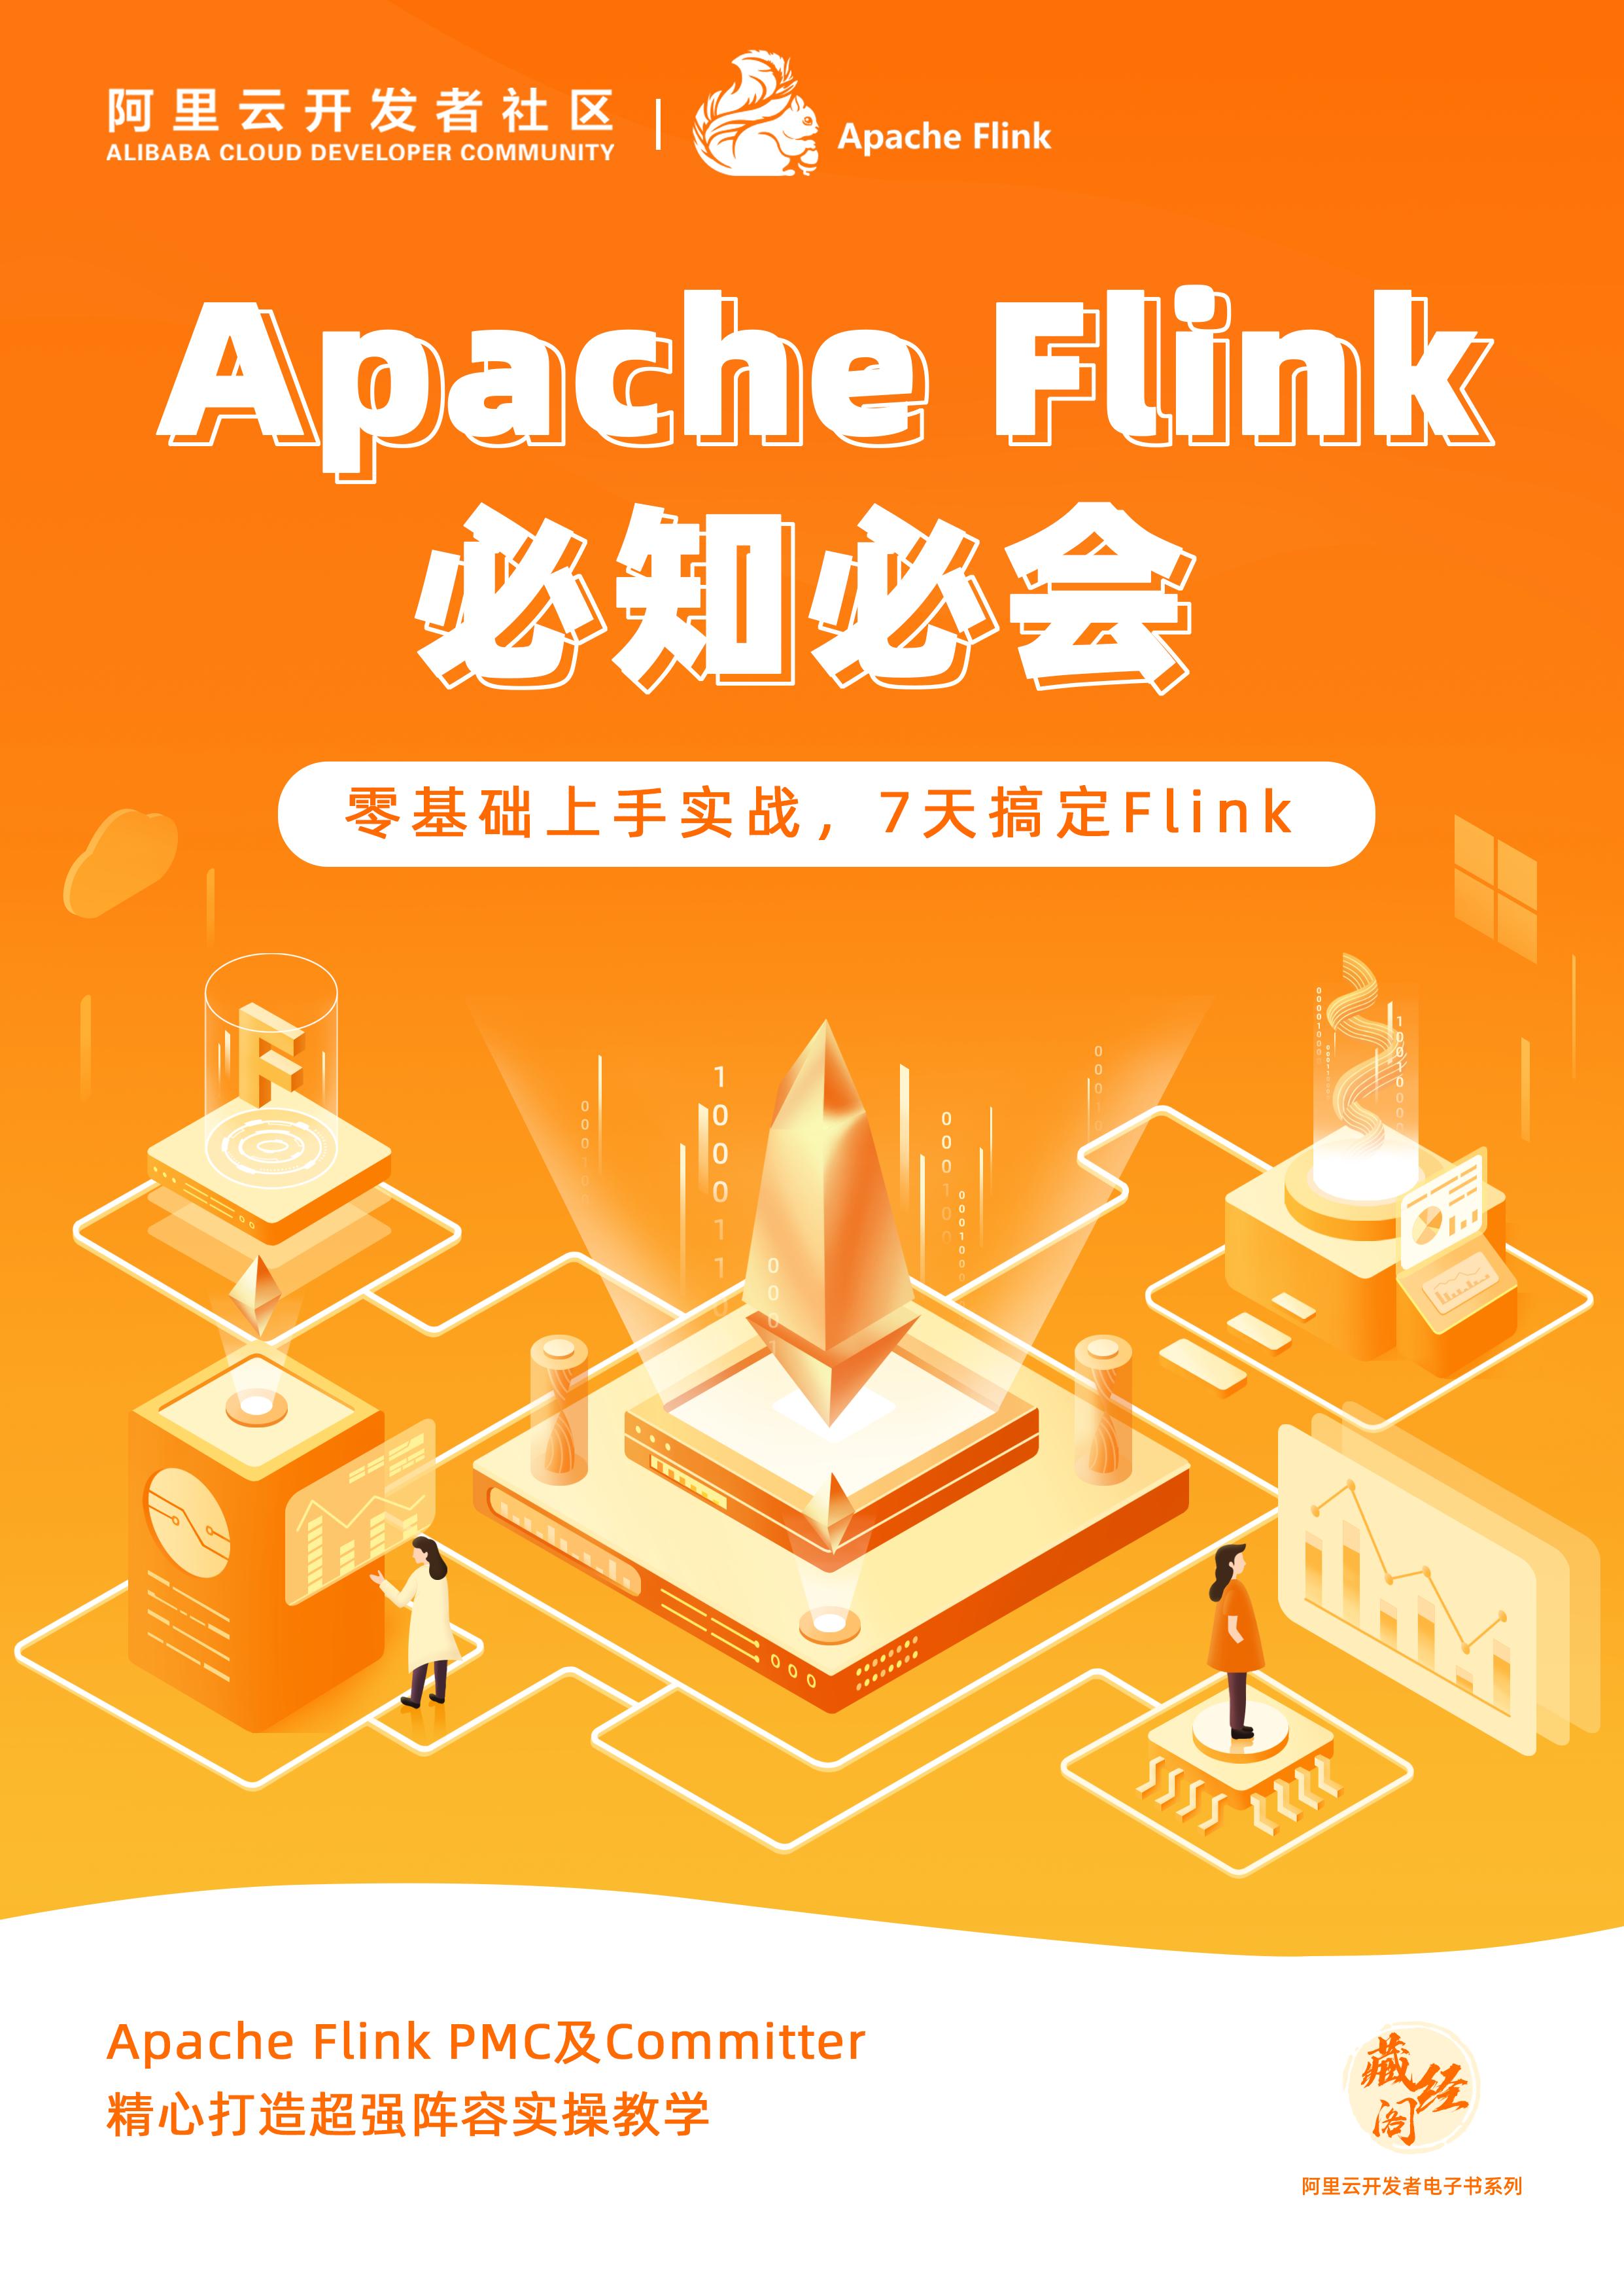 免费下载!Apache Flink 必知必会电子书, 轻松收获 Flink 生产环境开发技能